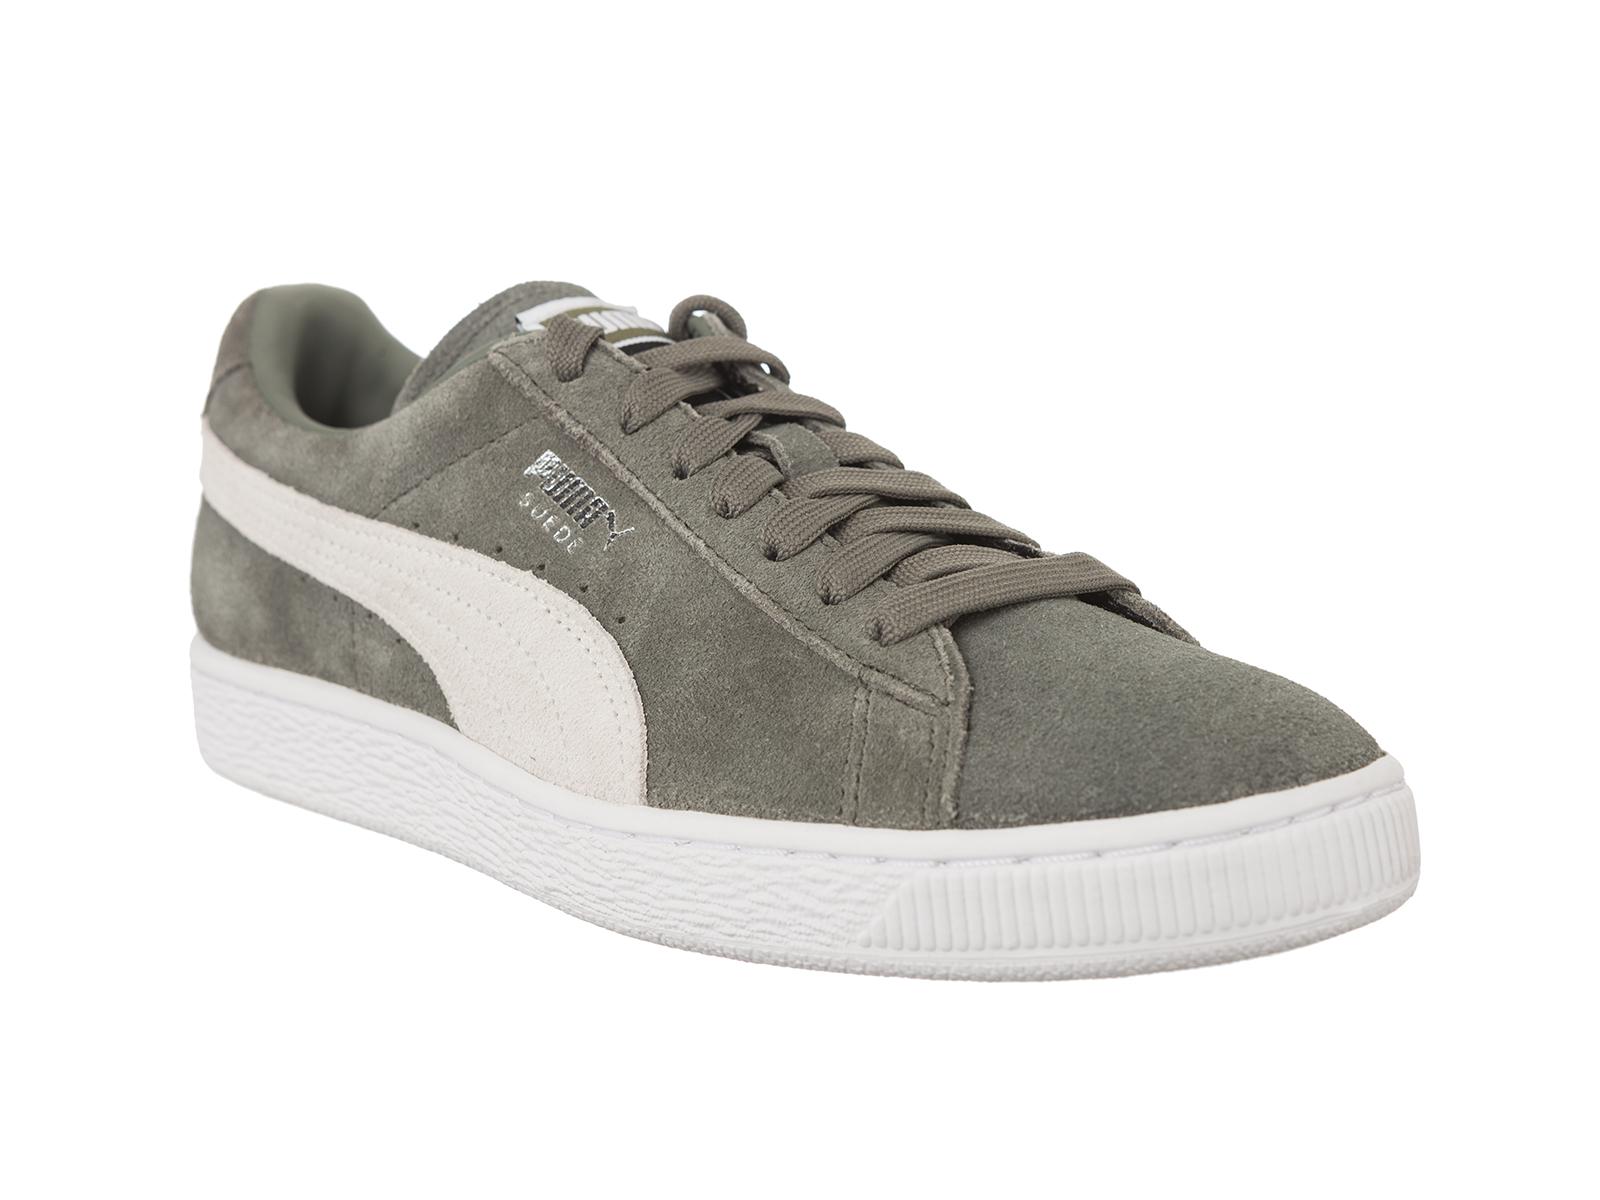 Puma Unisex Suede Classic Sneakers Scarpe Da Ginnastica Scamosciate Lacci Sport